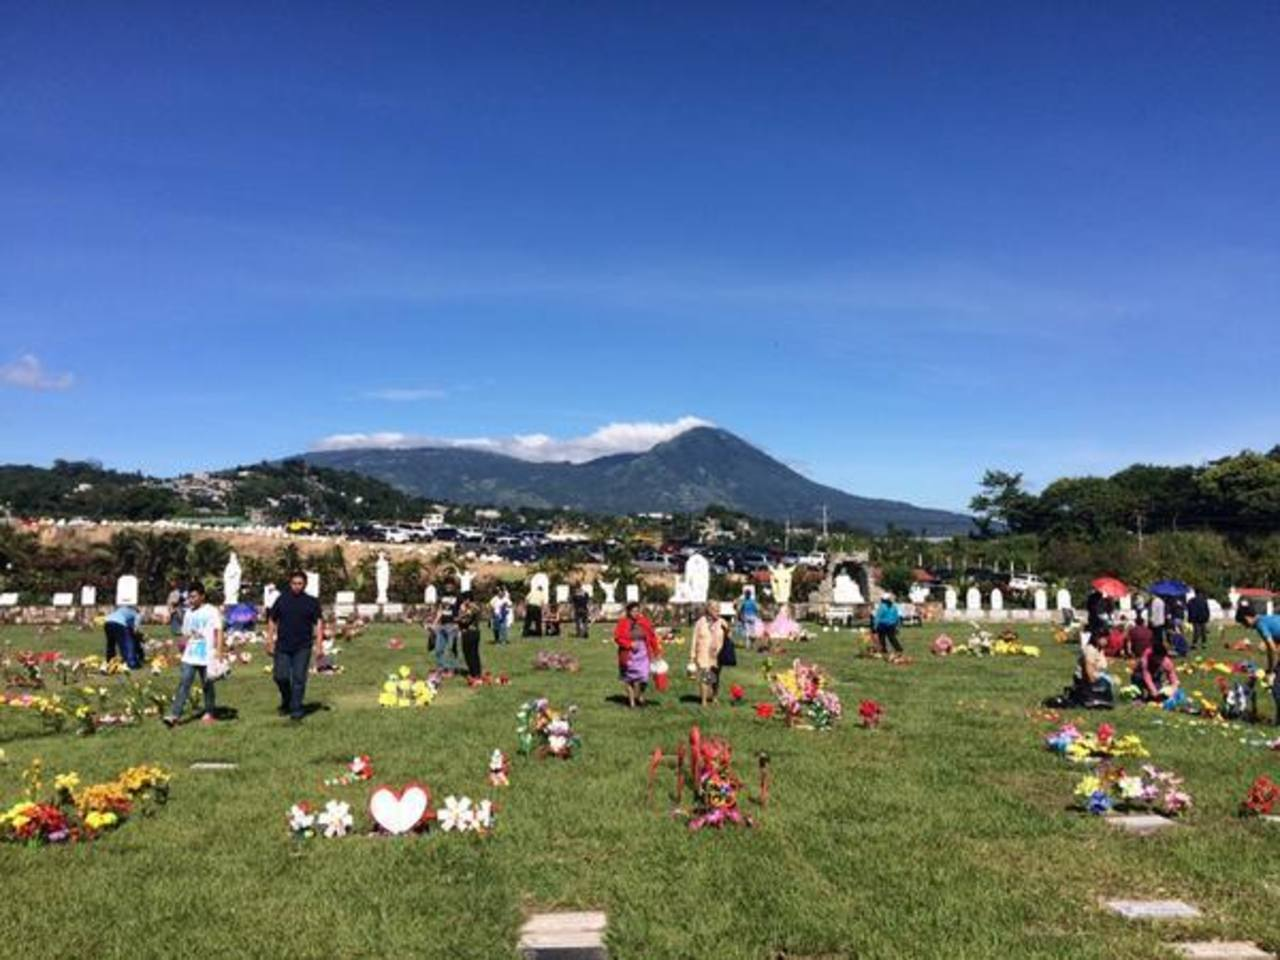 Un lector compartió esta imagen del parque memorial Jardines del Recuerdo. Comentó que junto a su familia acudió a enflorar la tumba de sus abuelos.